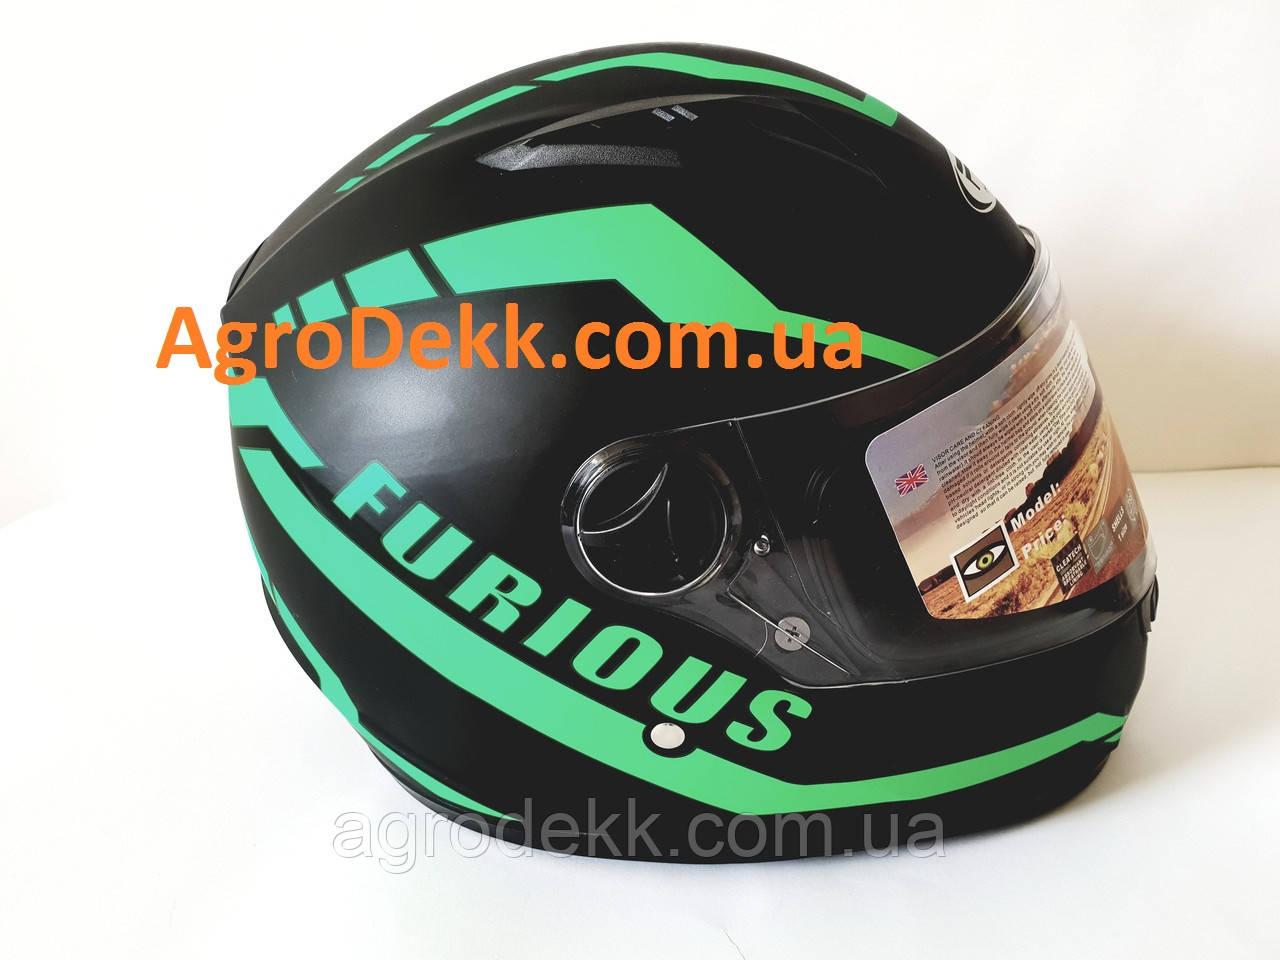 Шлем для мотоцикла Hel-Met 111 черный мат с полоской